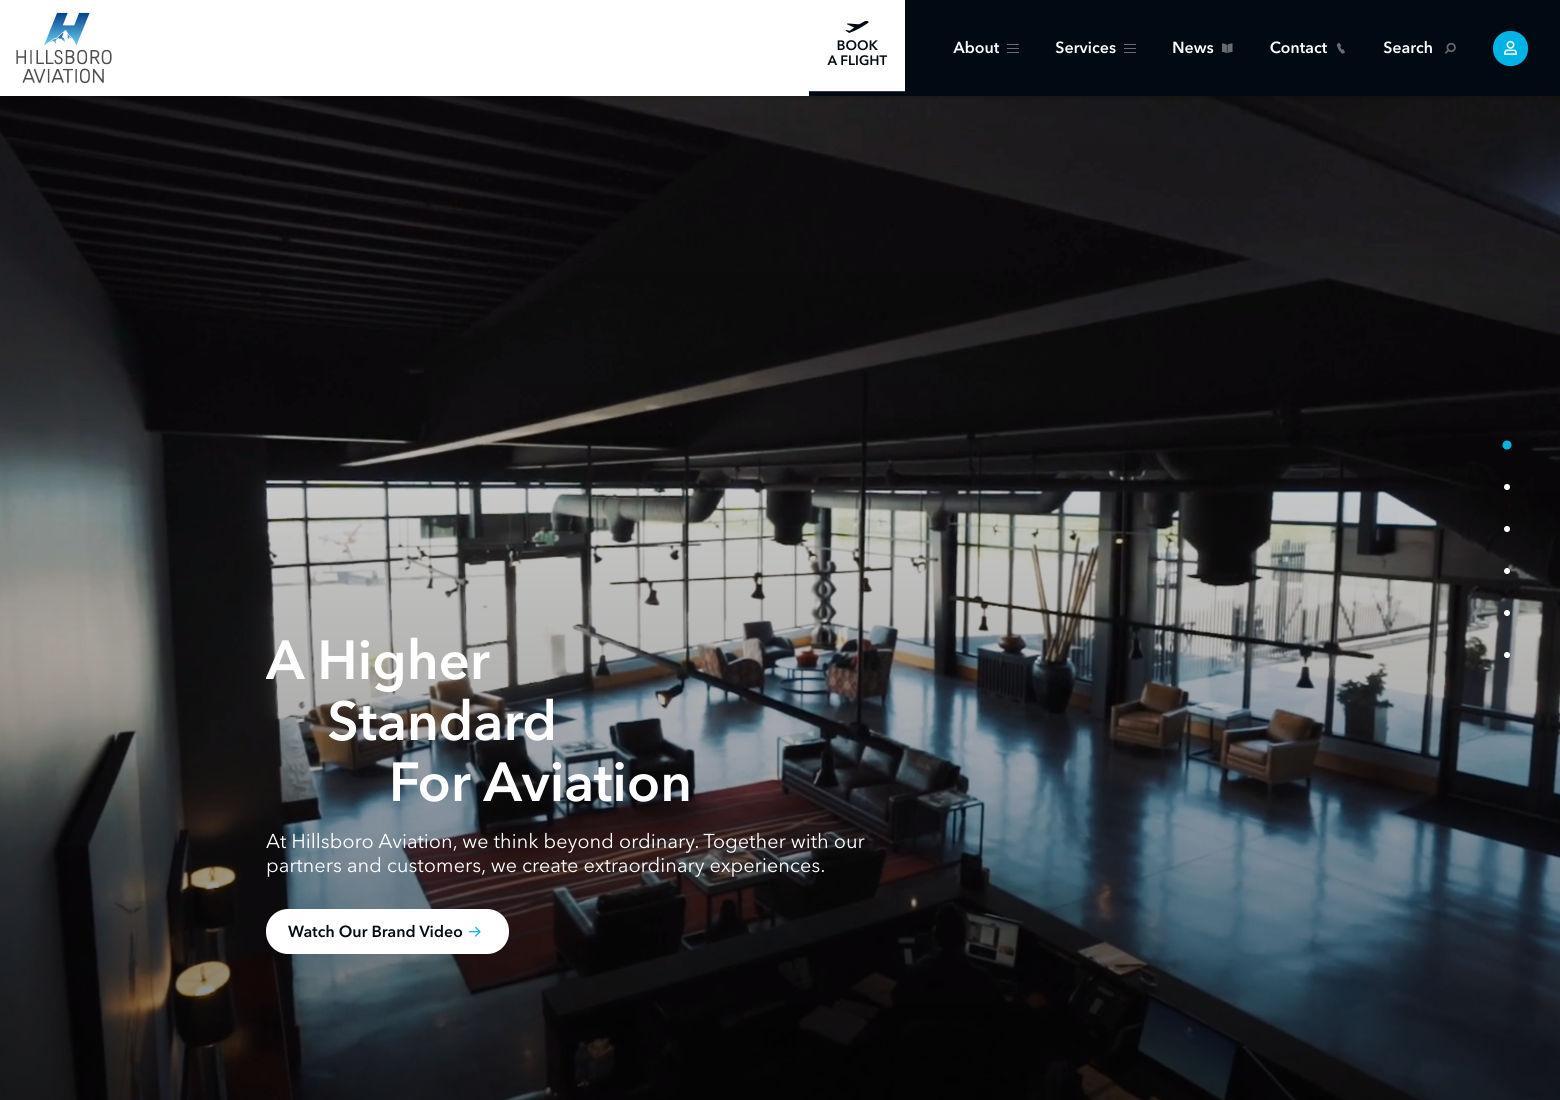 Website layout principle: tabbed navigation